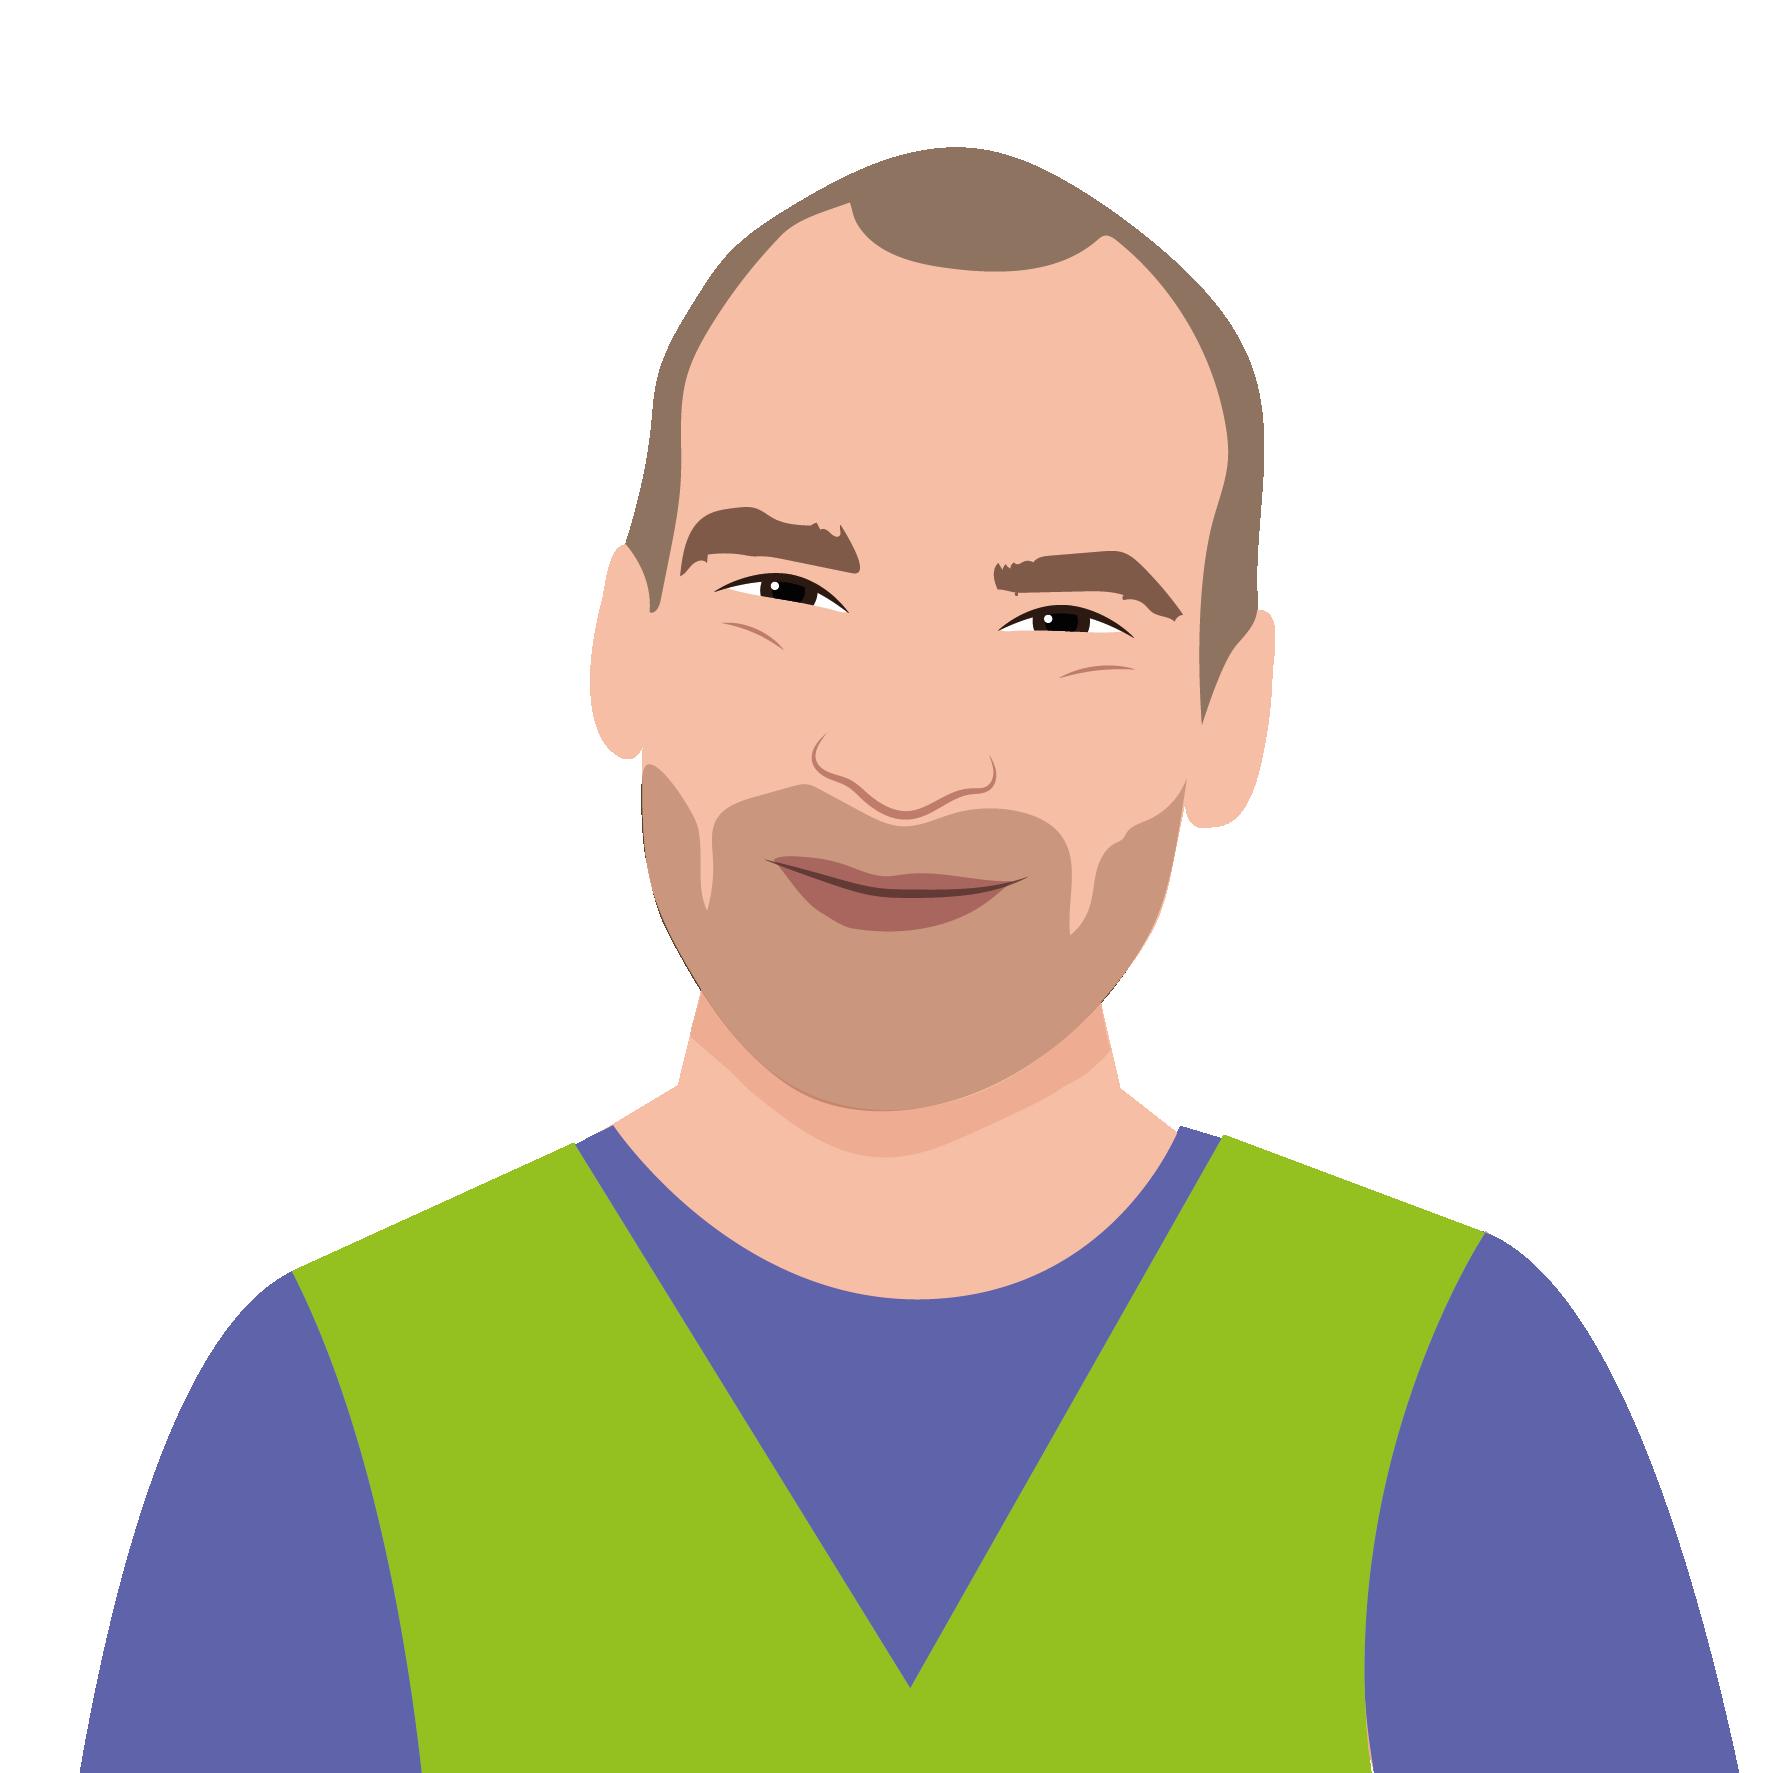 jaquier_habefast_illu_employes-christophe